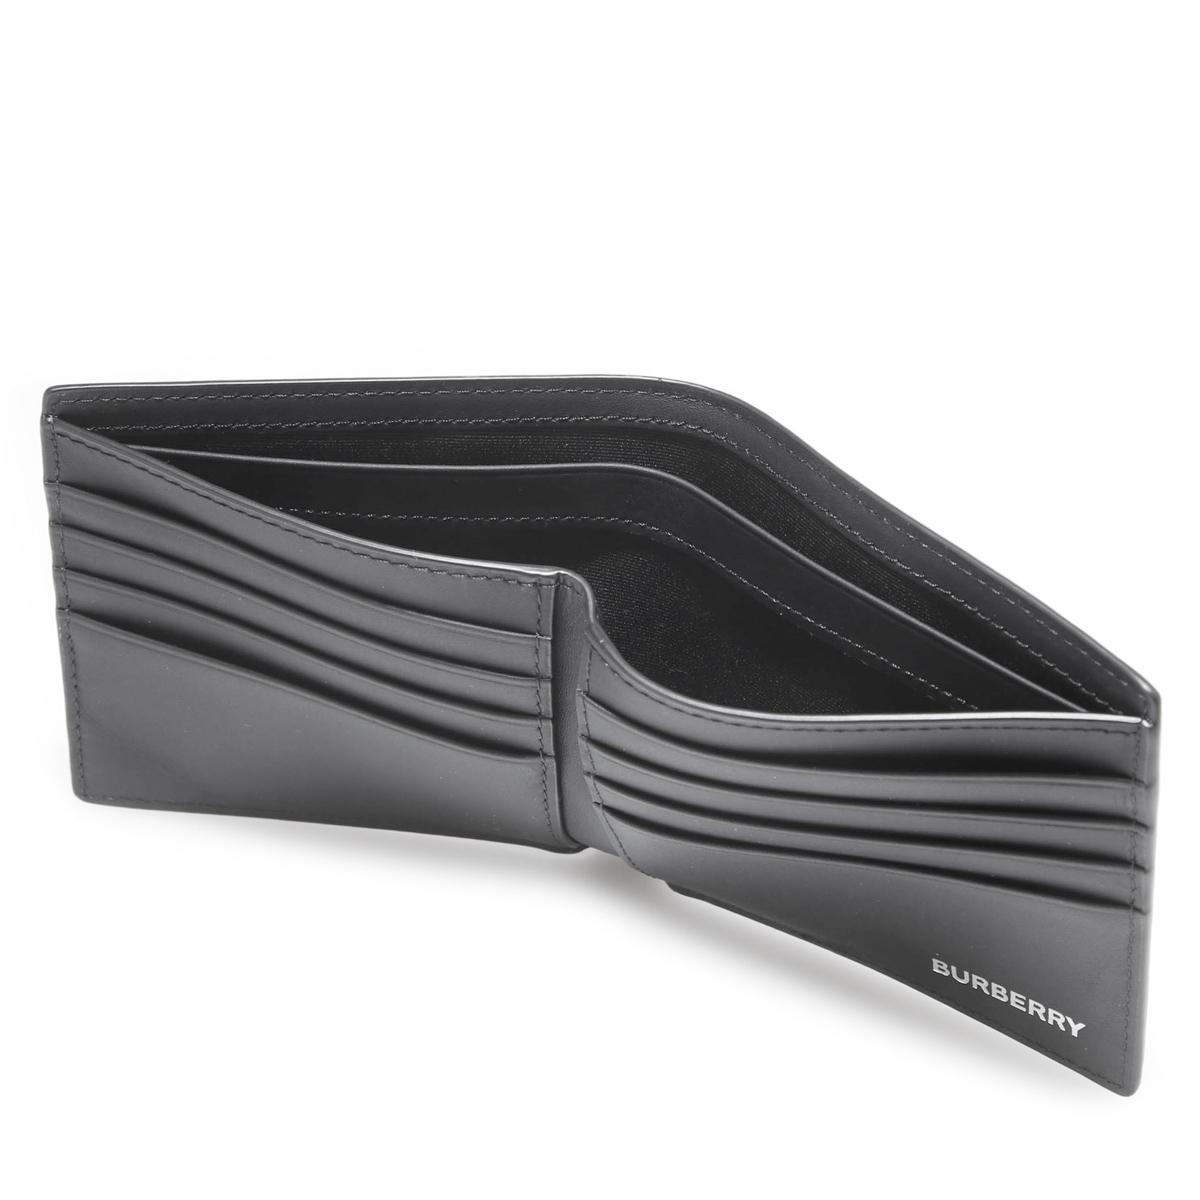 【タイムセール】BURBERRY バーバリー 2つ折り財布/LONDON CHECK & LEATHER INTERNATIONAL BIFOLD WALLET メンズ